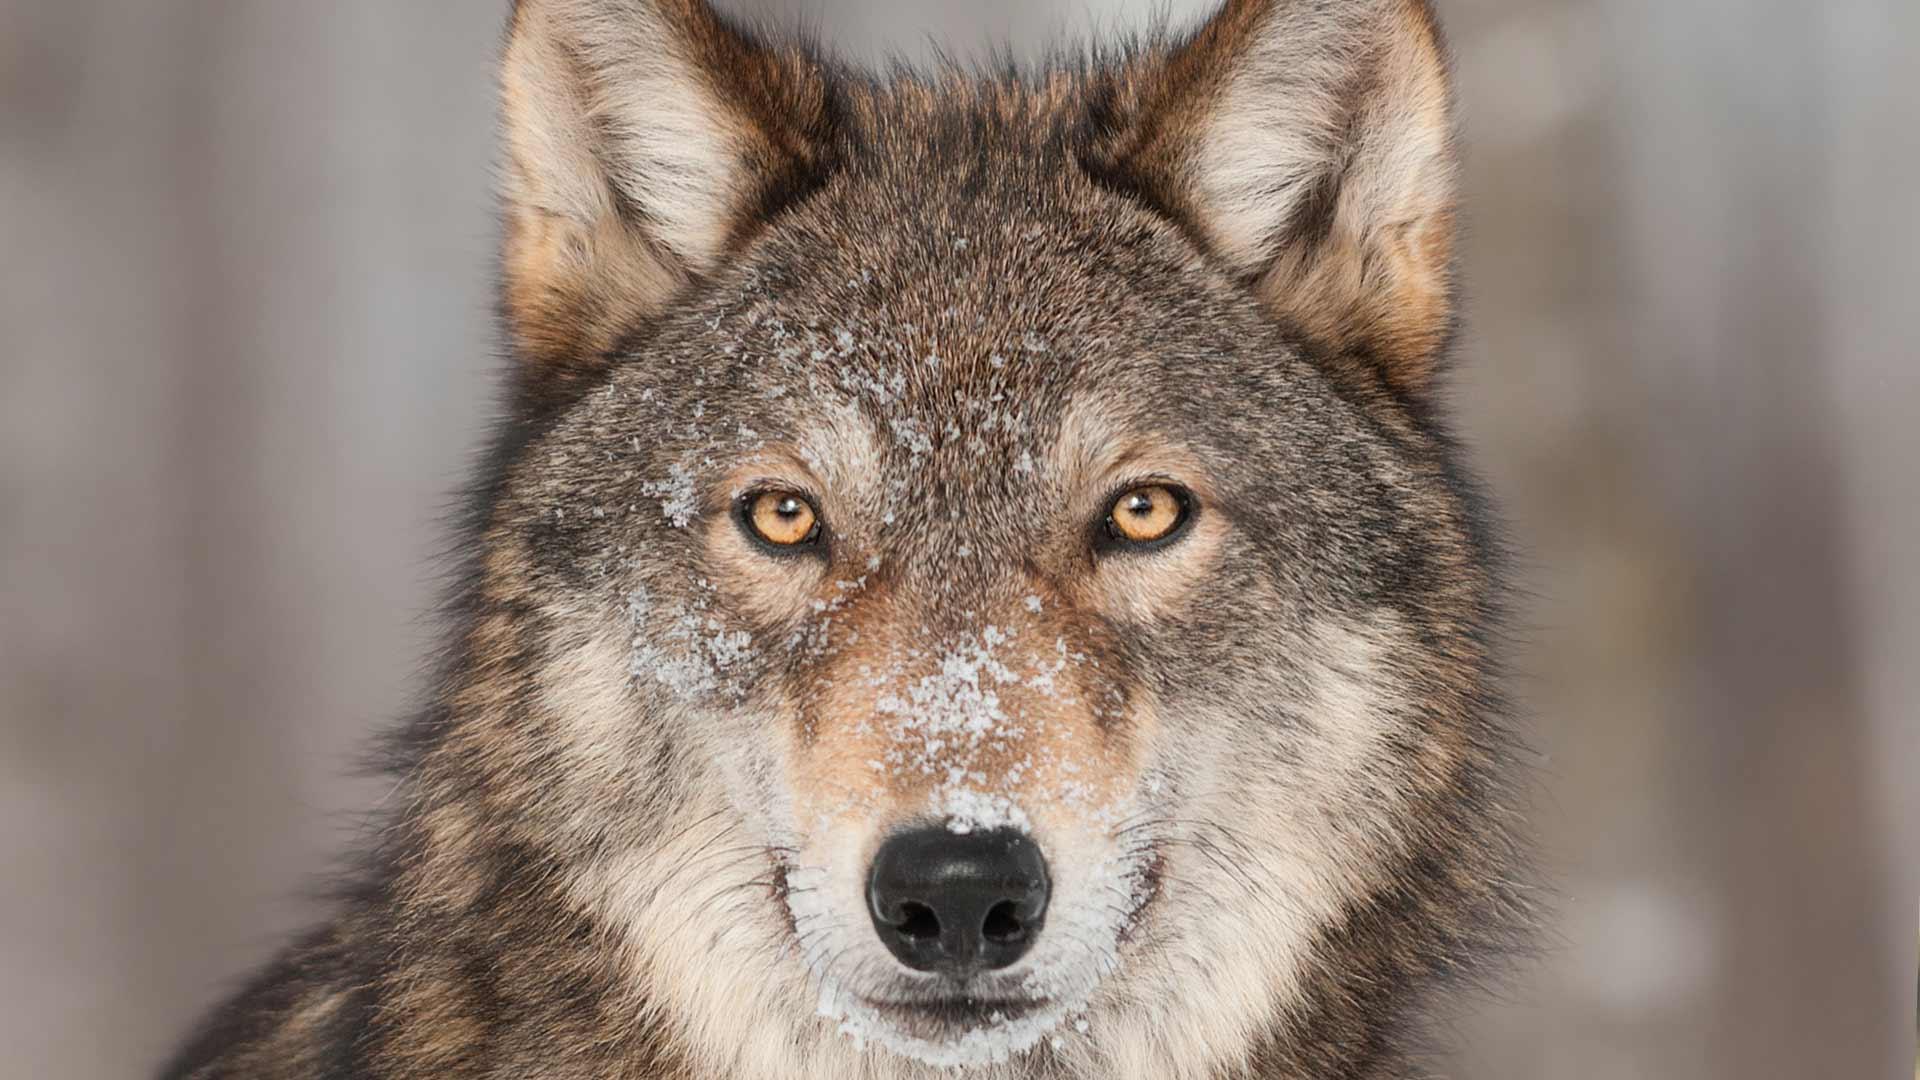 Il lupo va protetto e non si tocca! Uomo, sei tu l'ipocrita assassino.